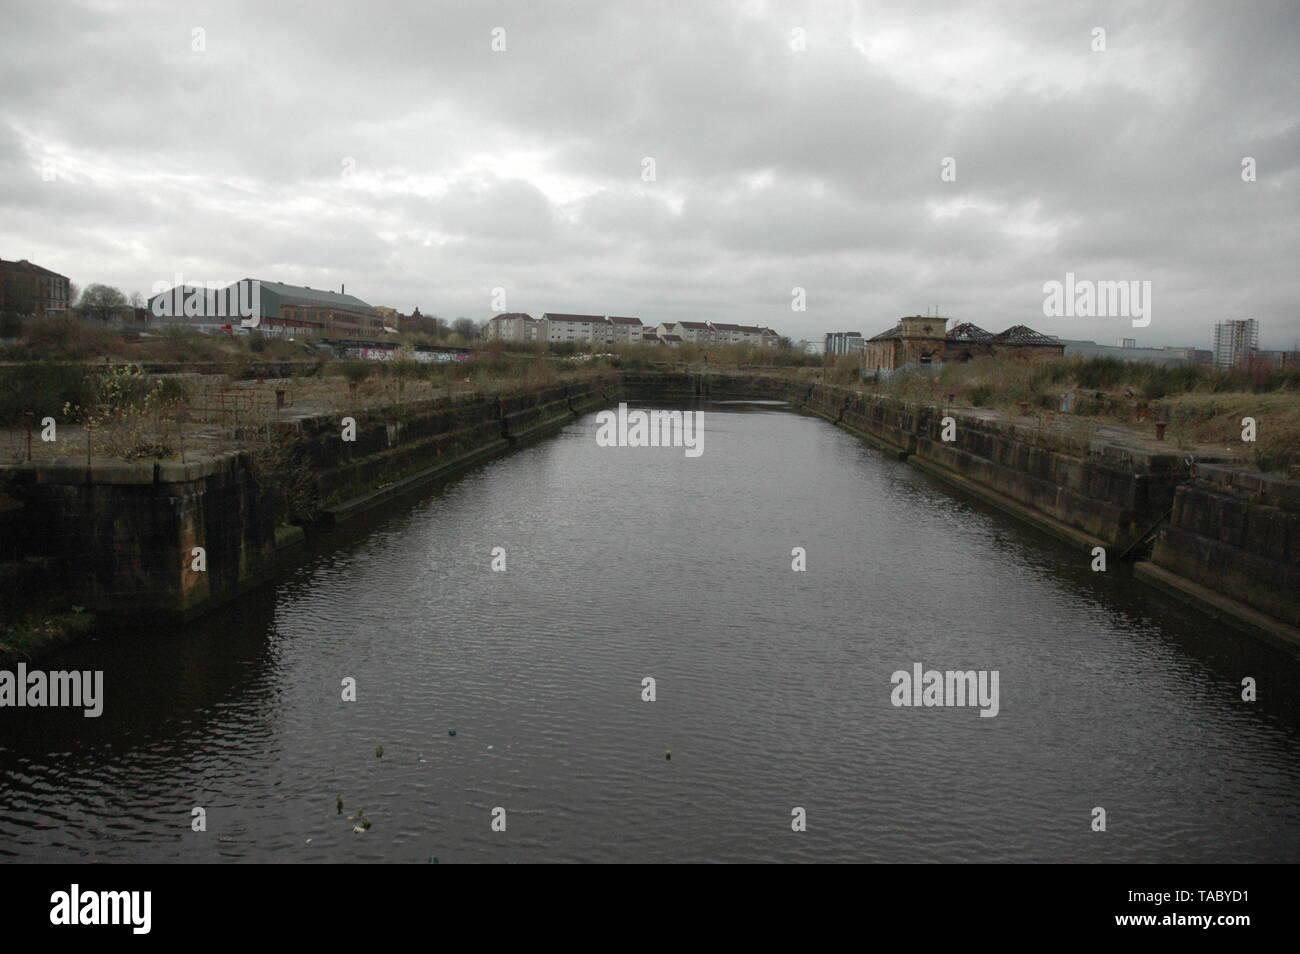 Govan Graving Docks - Stock Image